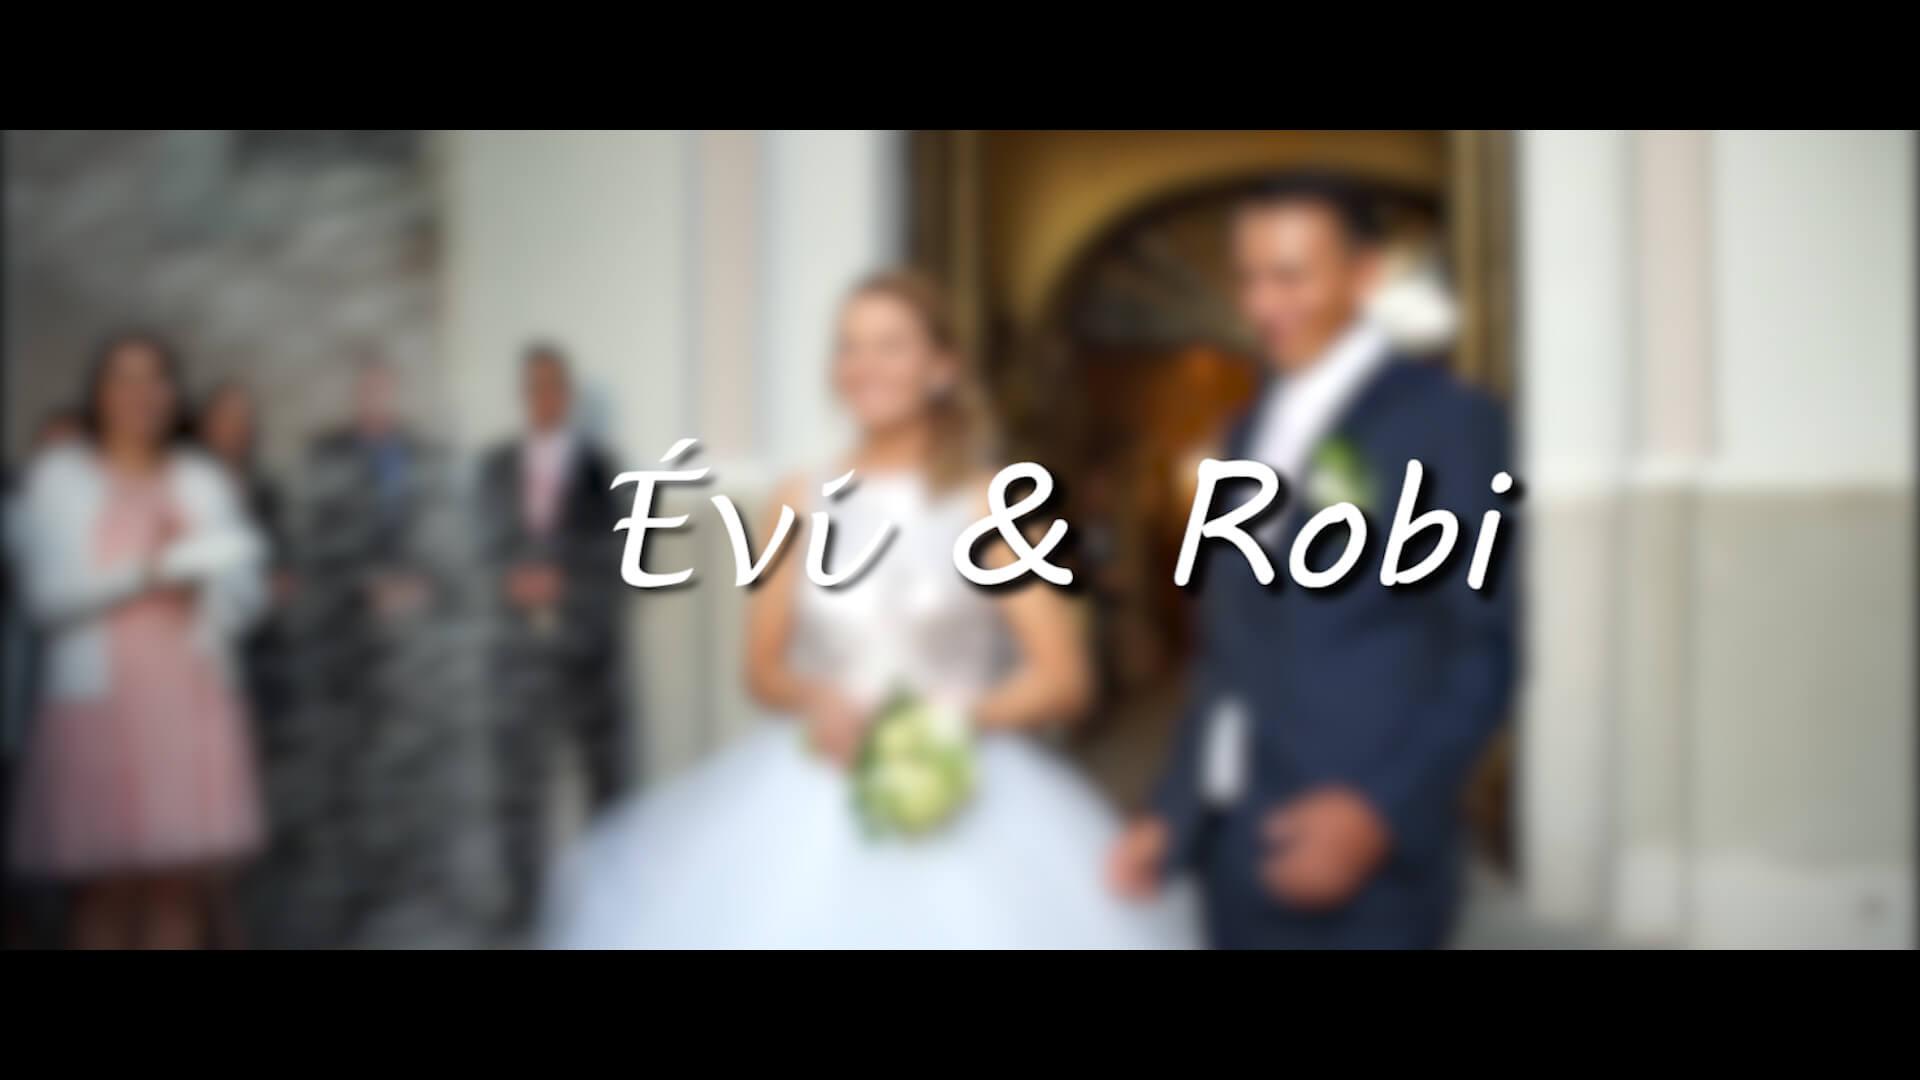 Évi és Robi Highlight videó